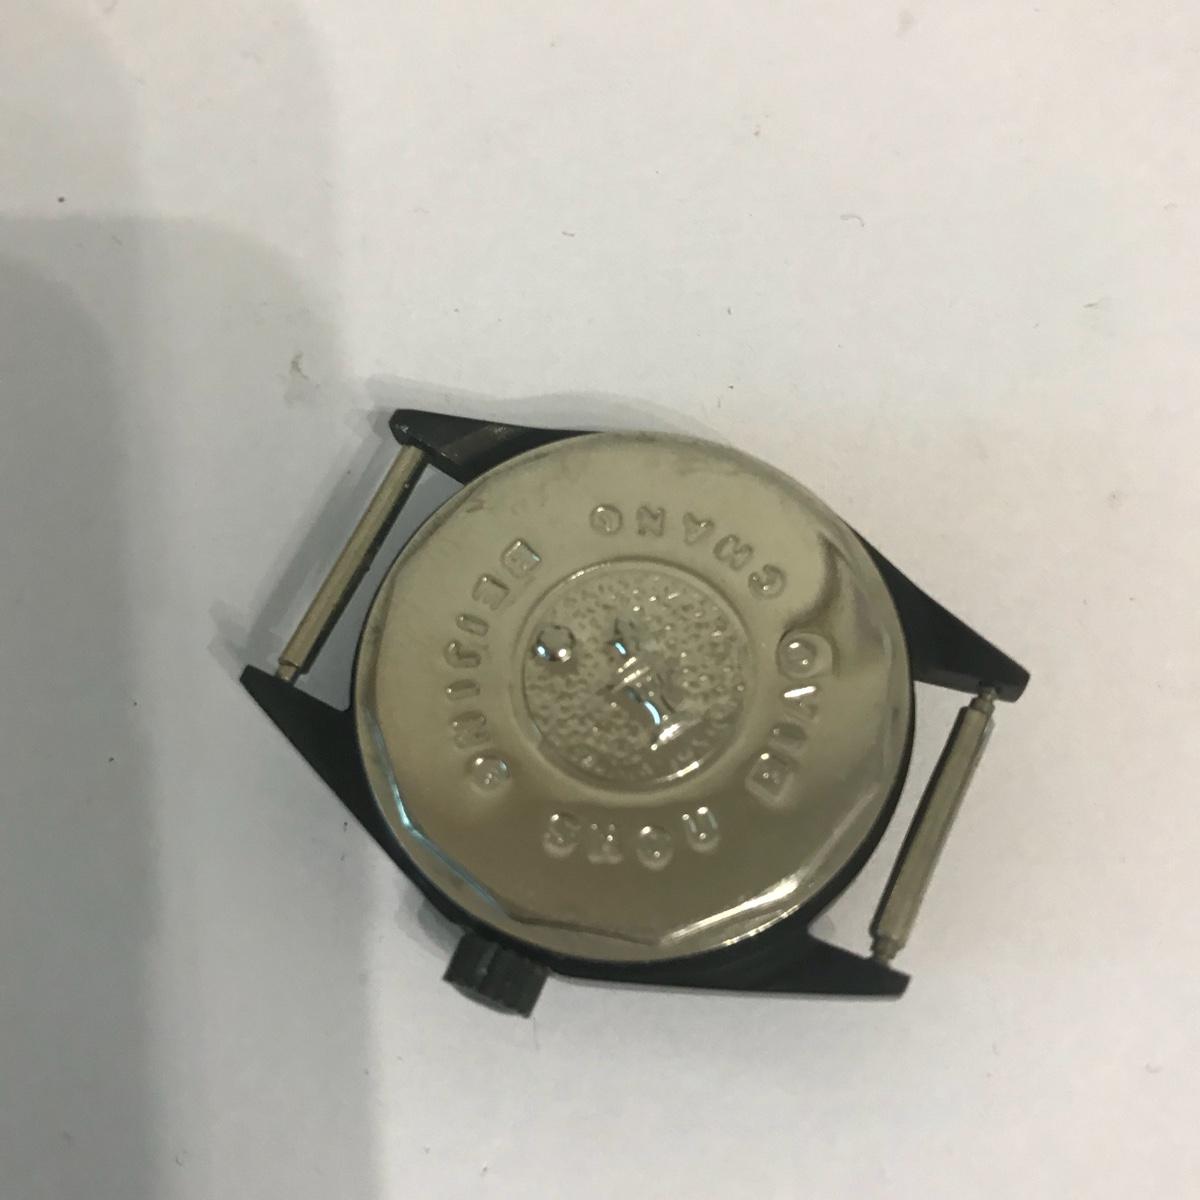 北京双菱手动上弦机械手表老旧款式复古董收藏品质正库存原装男